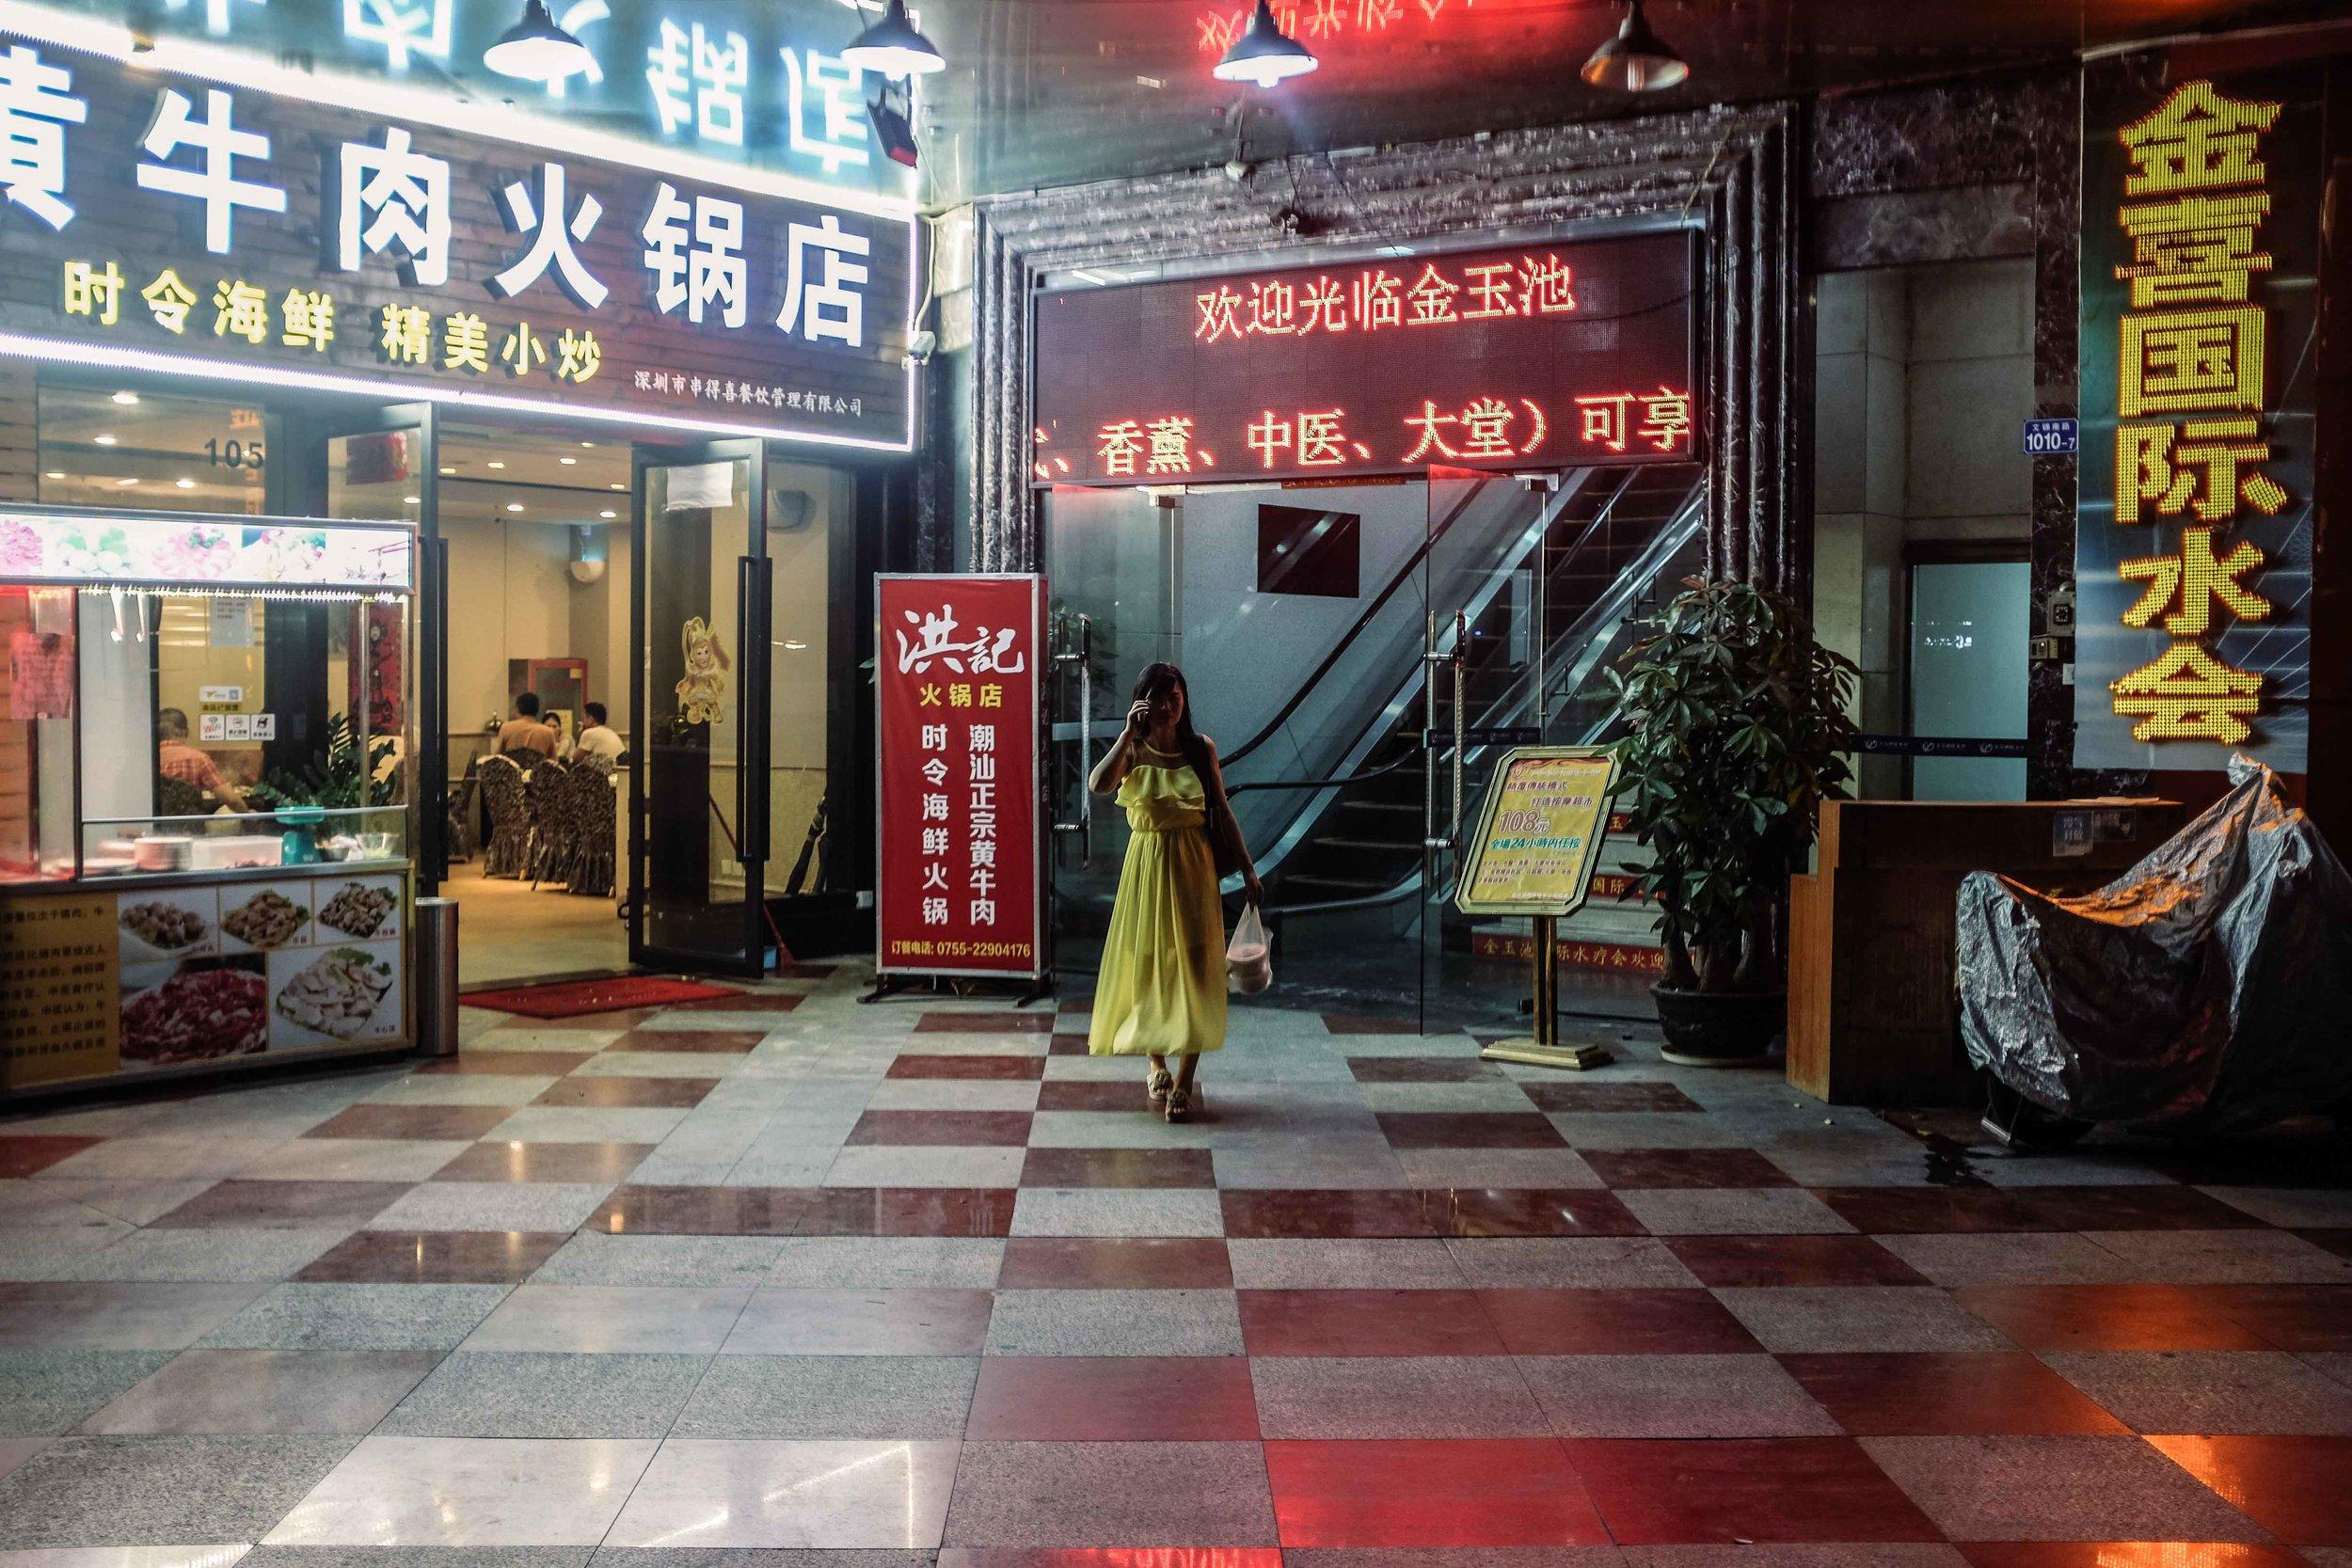 China_x100t_fujifilm_22.jpg